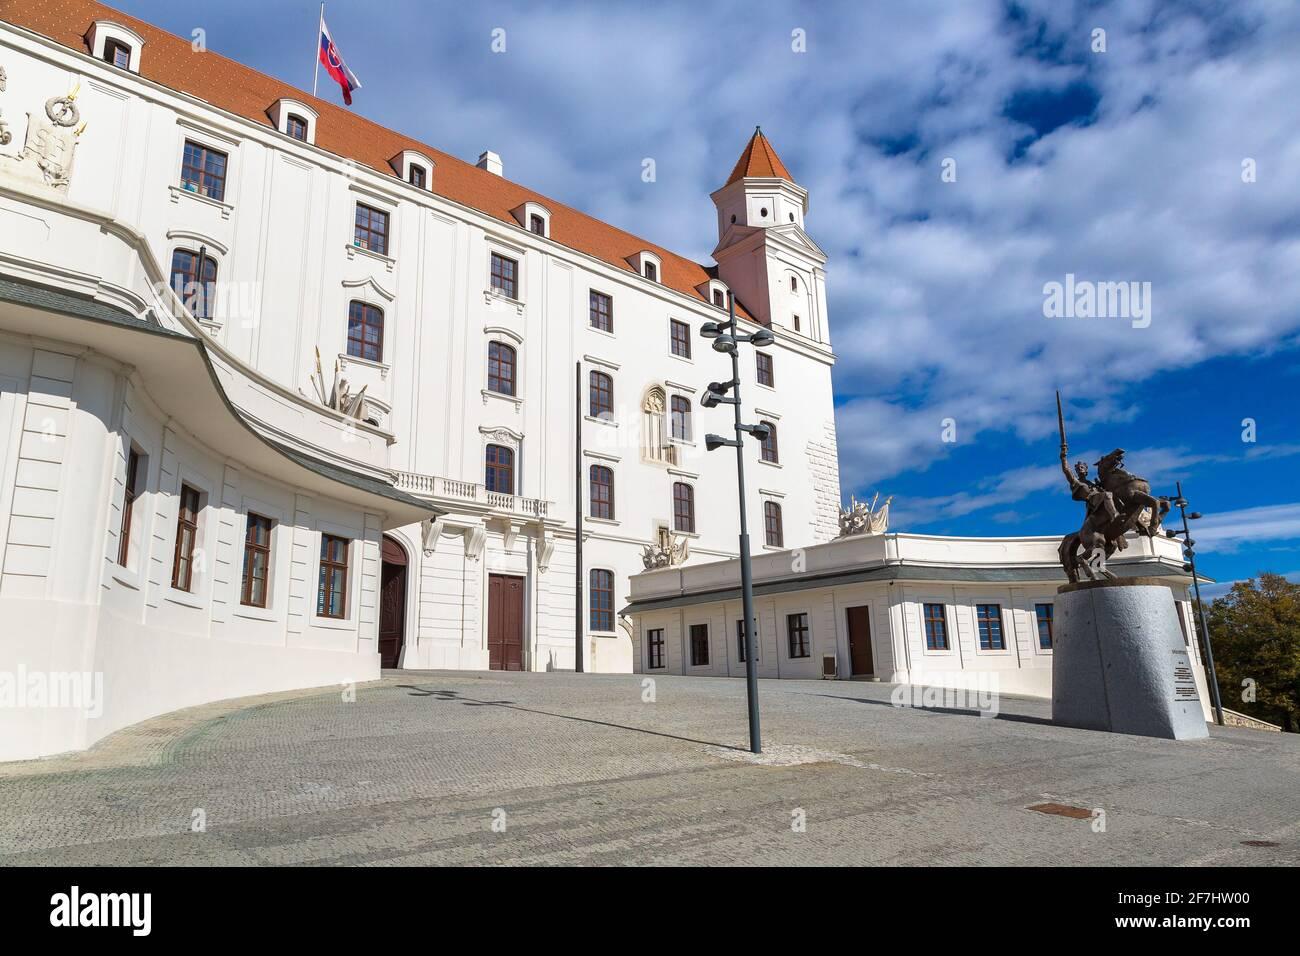 Castillo medieval en una colina en un día de verano en Bratislava, Eslovaquia Foto de stock